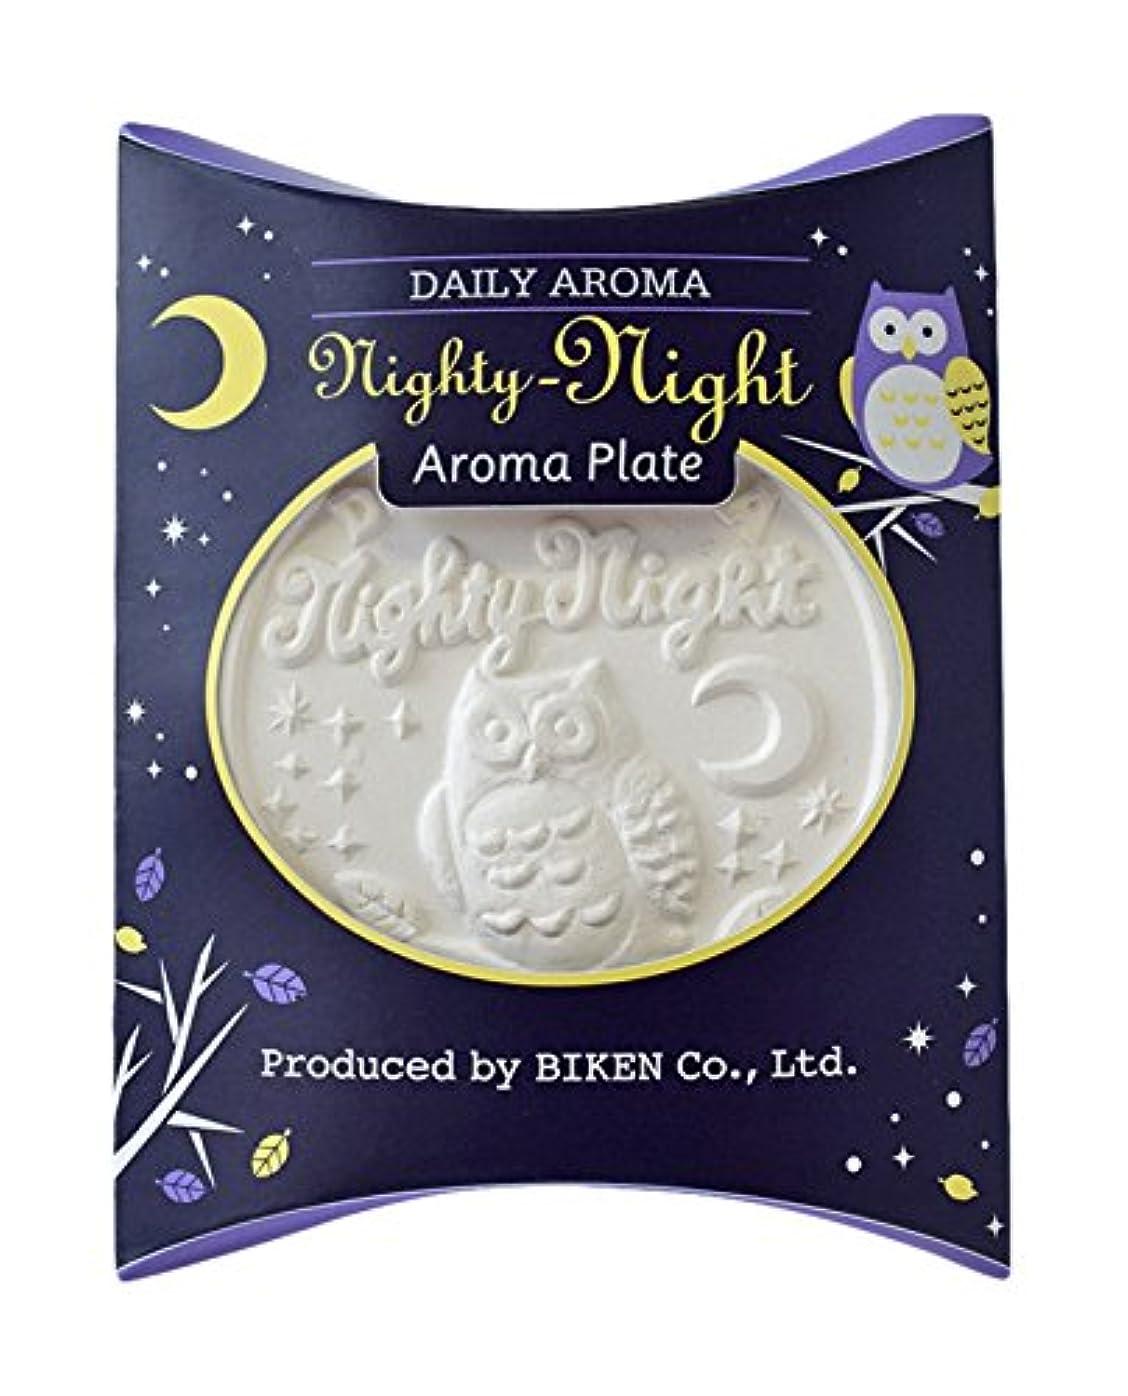 すばらしいです買い手厄介なNighty-Night アロマプレート